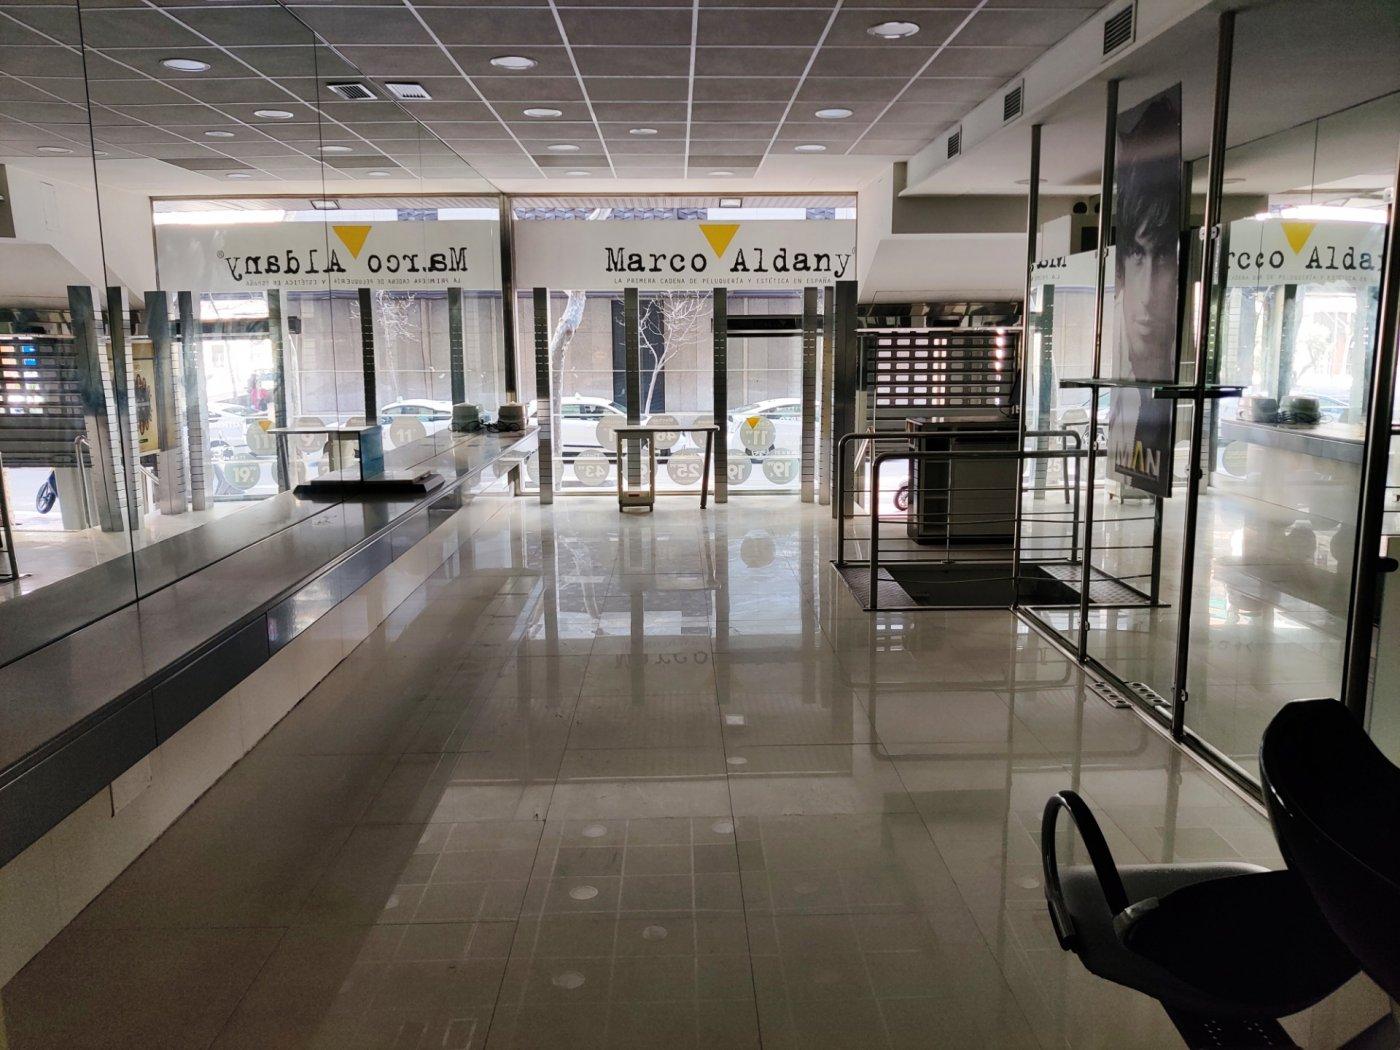 Local Comercial · Zaragoza · Centro 1.950€ MES€